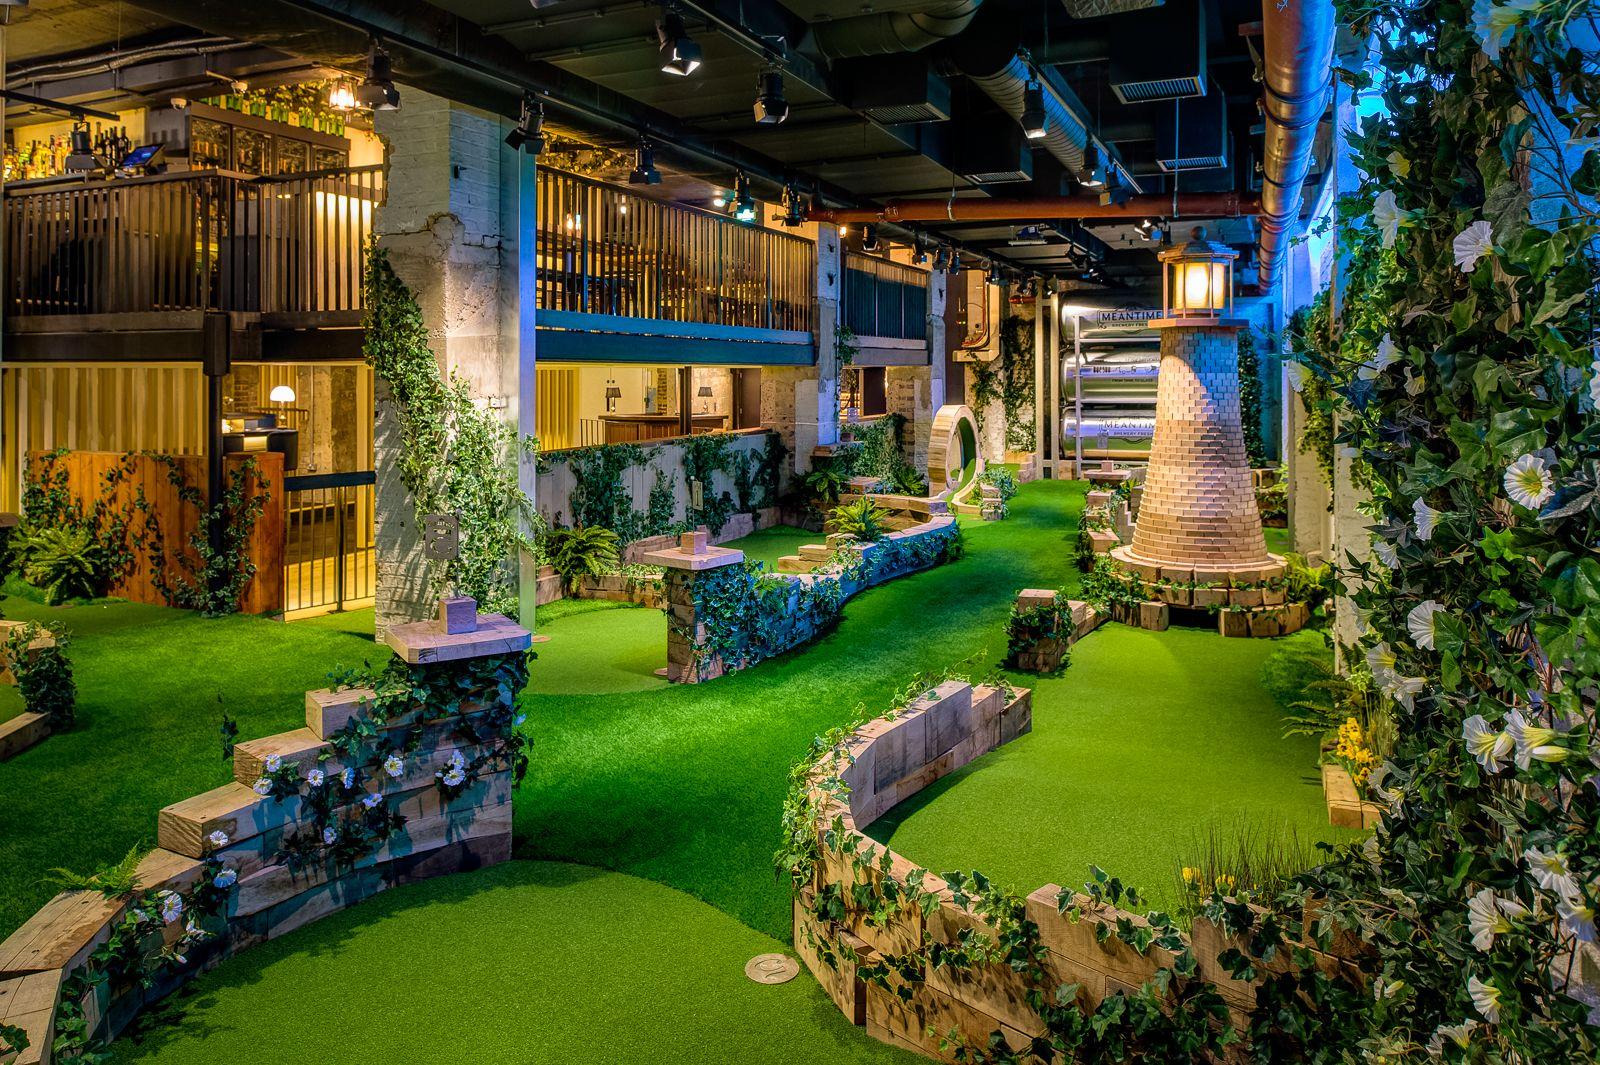 Swingers golf venue in London